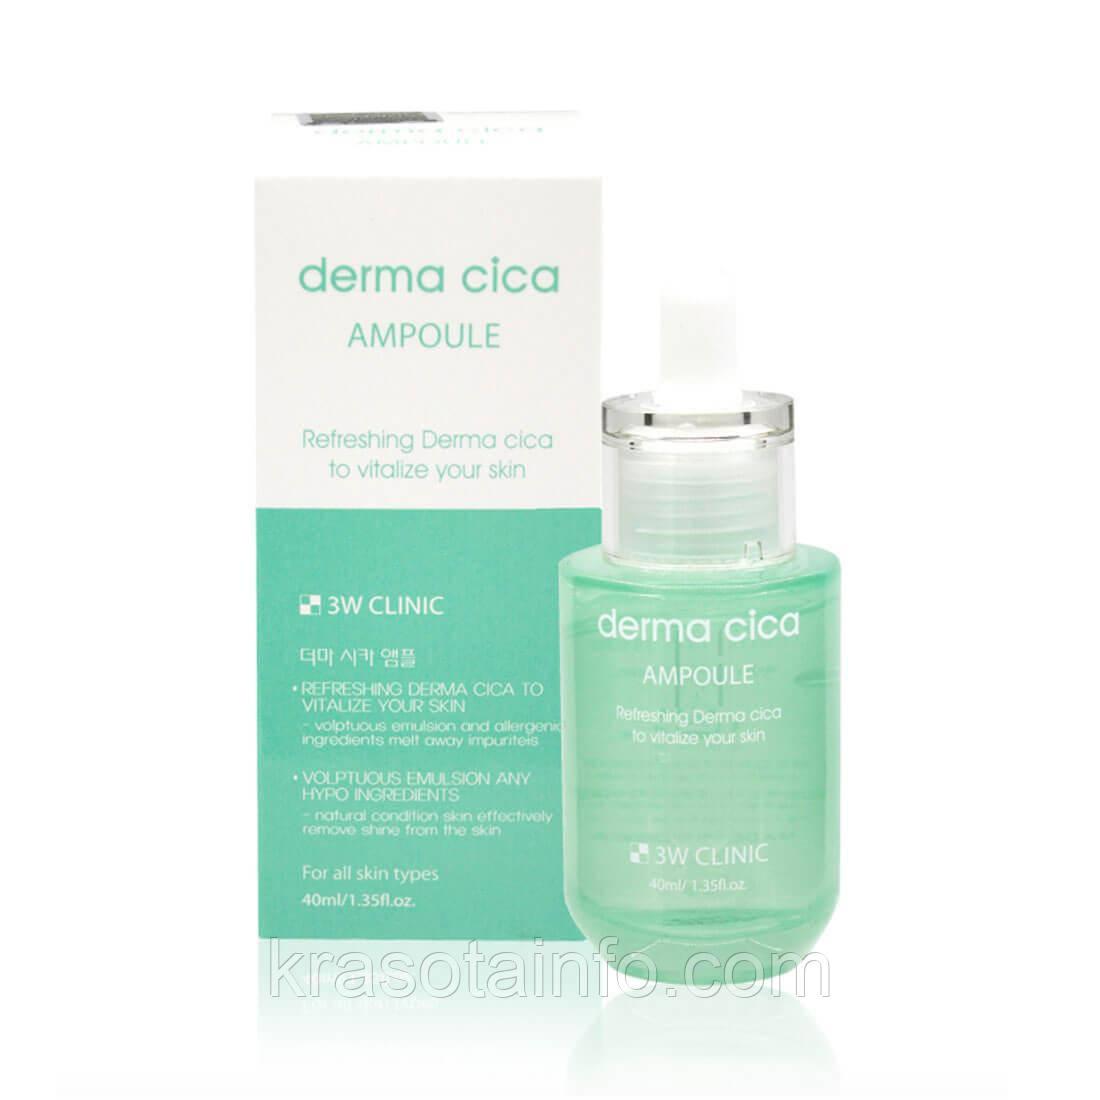 Сыворотка для восстановления кожи с центеллой 3W Clinic Derma Cica Ampoule, 40 мл